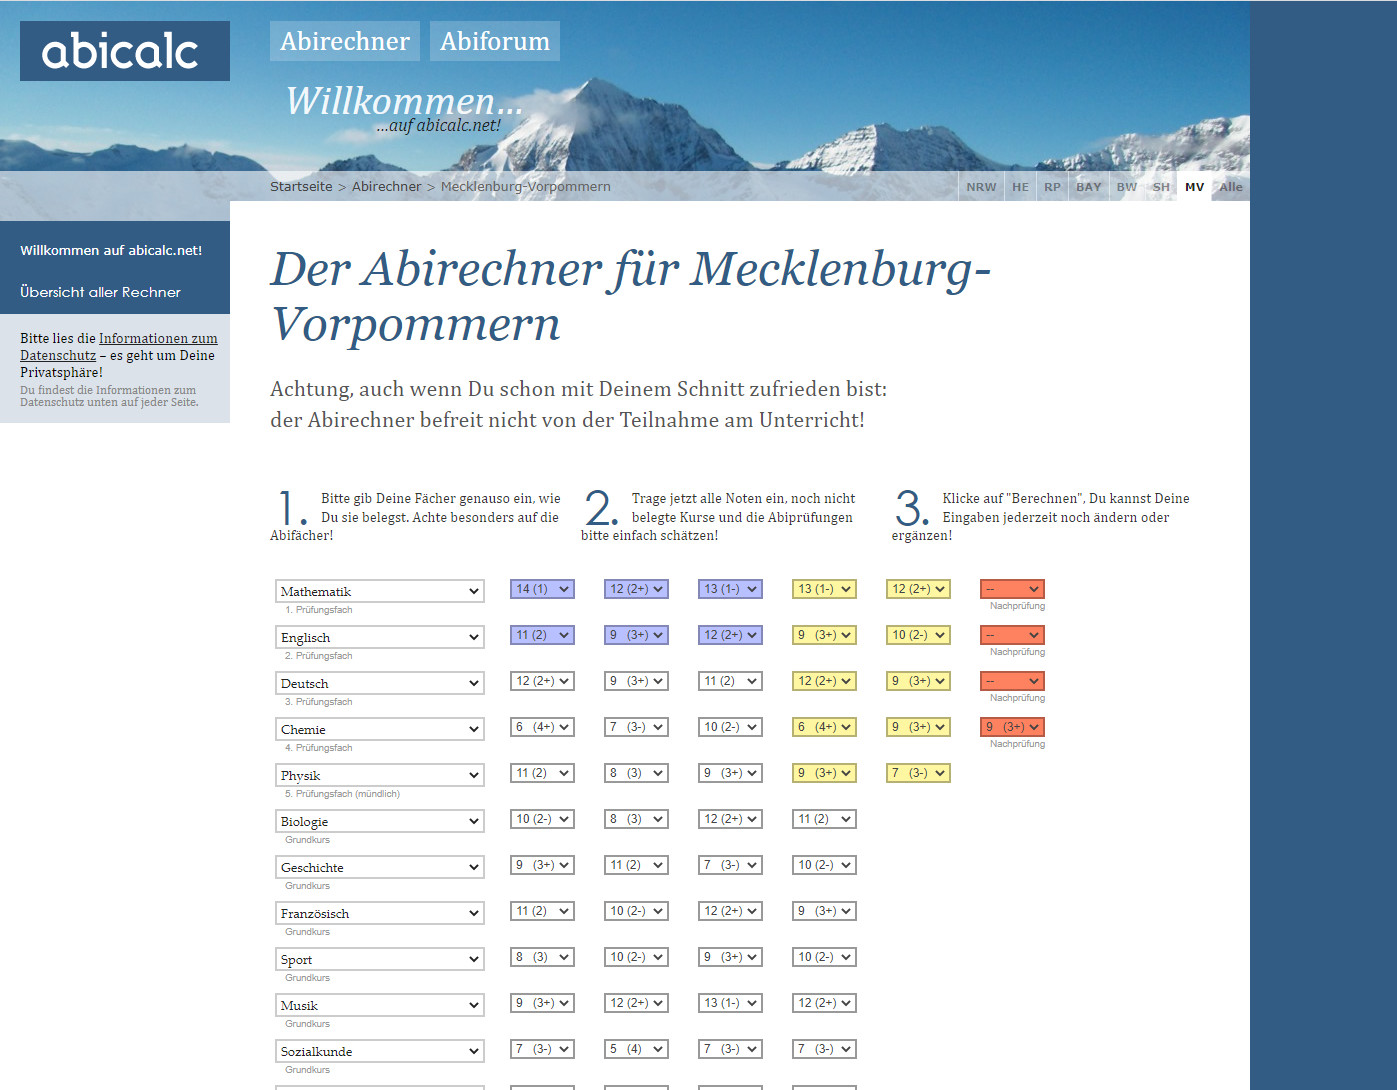 Screenshot 1 - Abicalc Abirechner